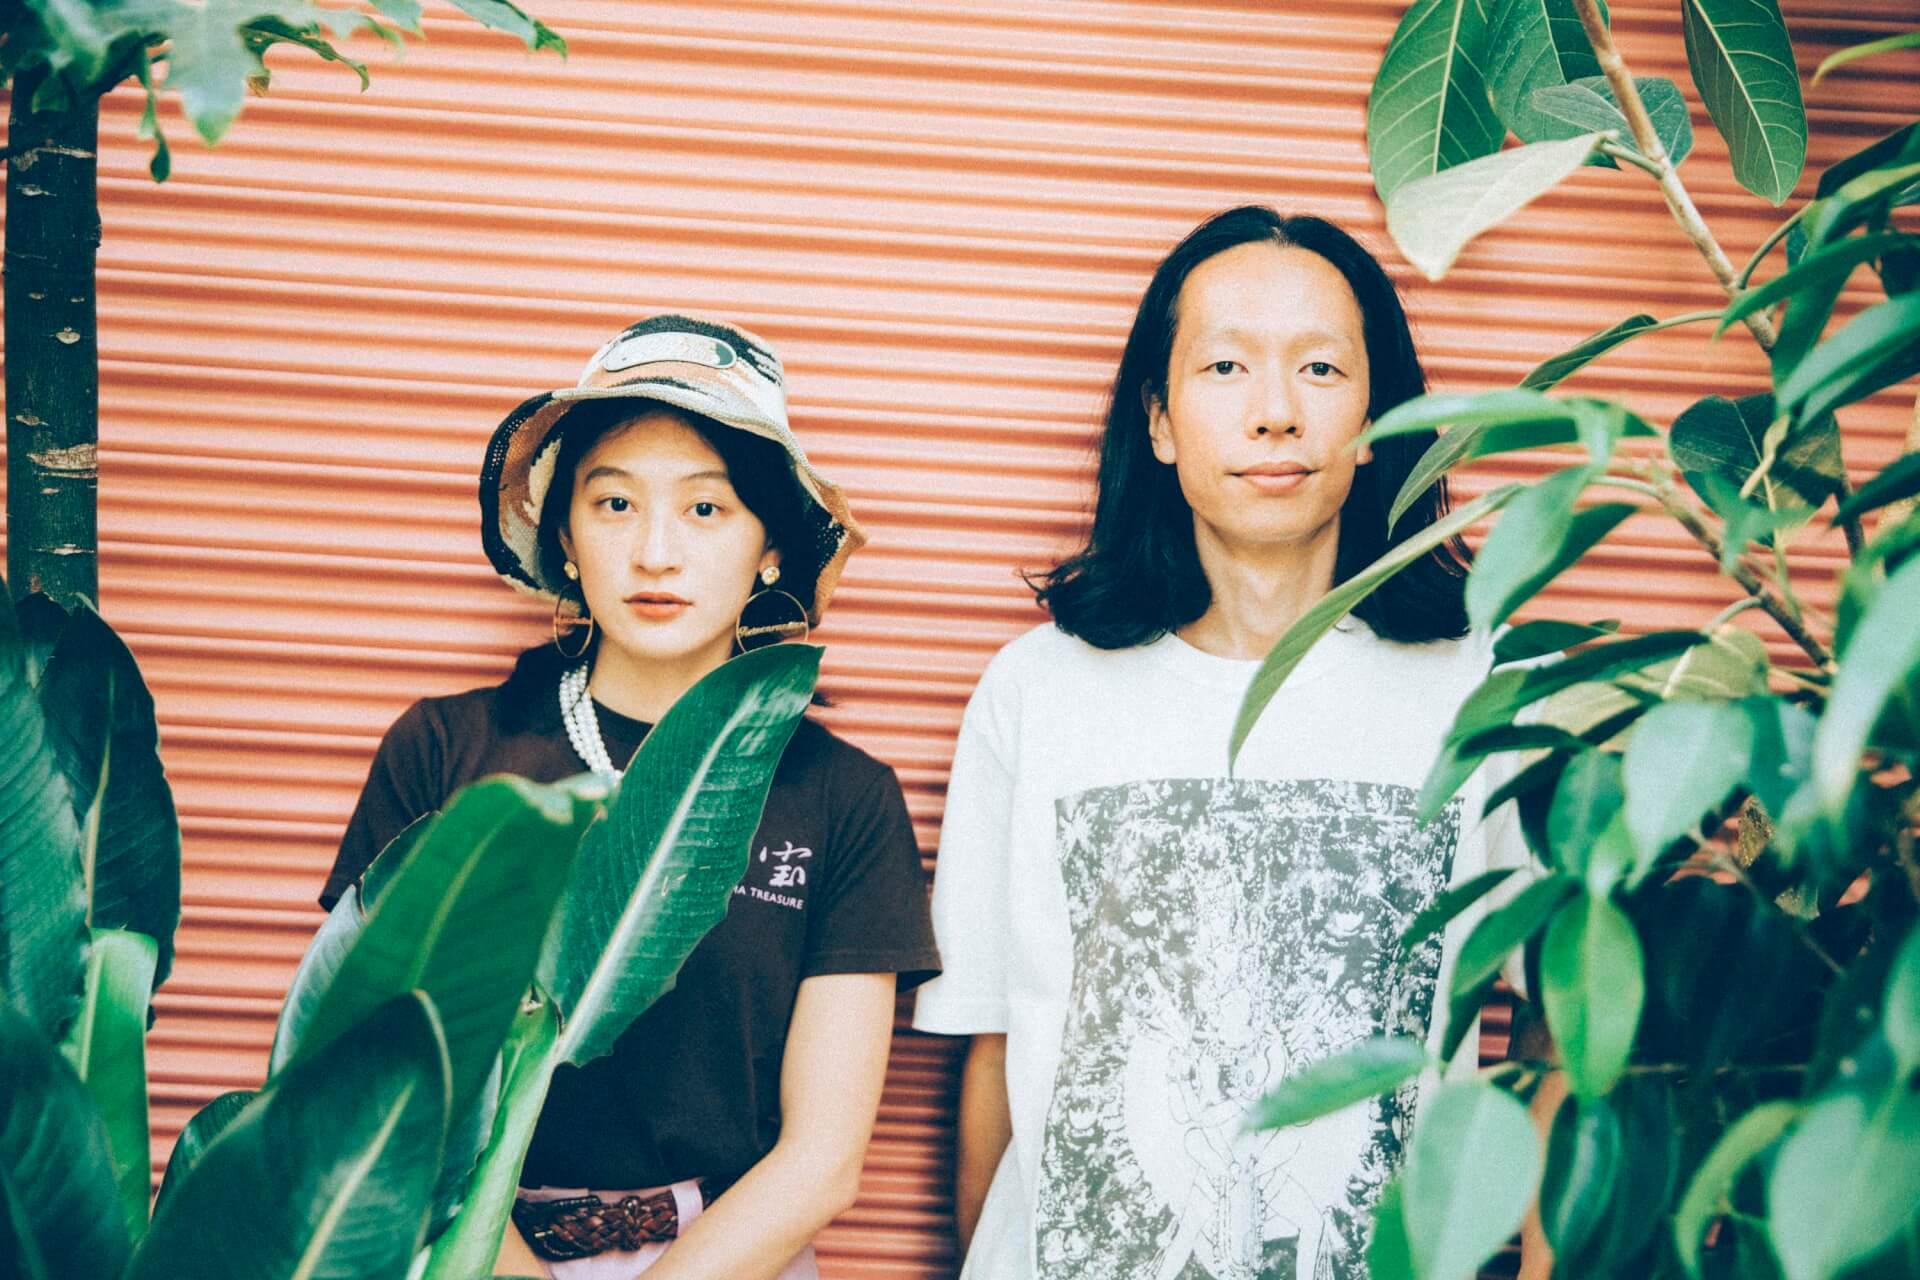 インタビュー|コムアイとオオルタイチがTrue Colors BEATS出演にあたって語る想い interview191011-yakushimatreasure-1